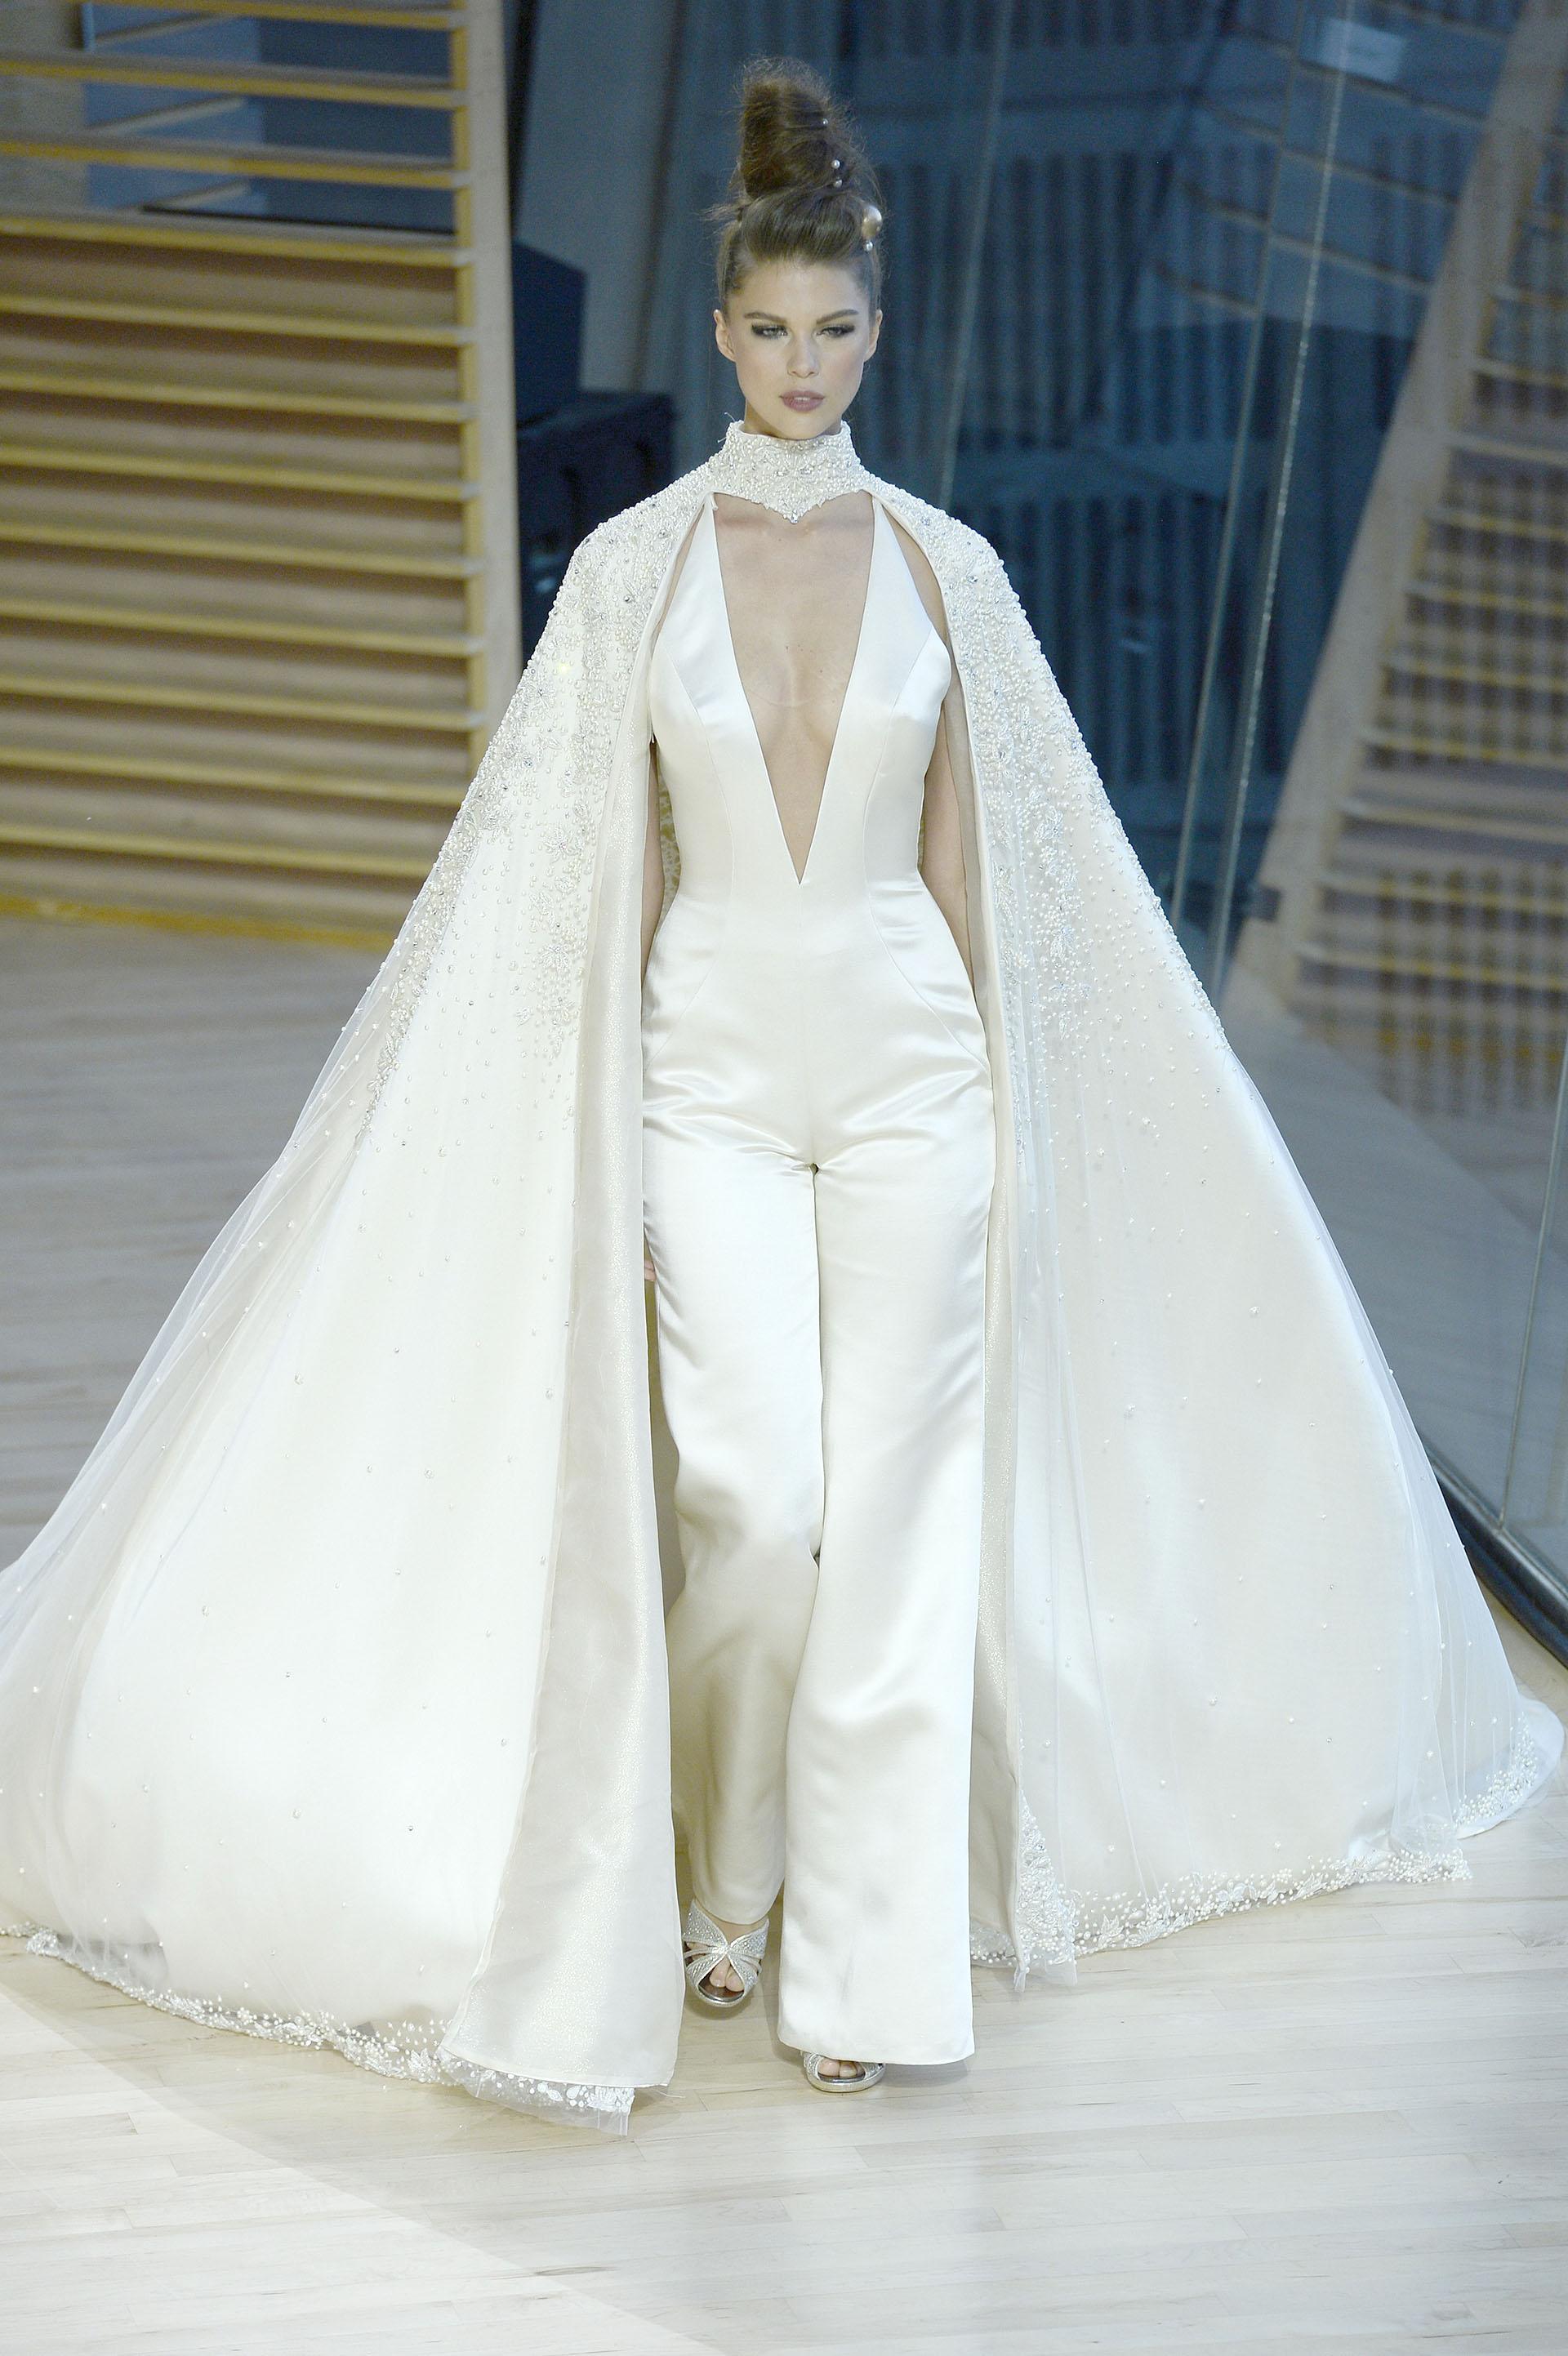 Ines Di Santo optó por modelos asimétricos y modernos donde la organza fue el tejido para dar vida a sus creaciones (Fernanda Calfat/Getty Images for Ines Di Santo)